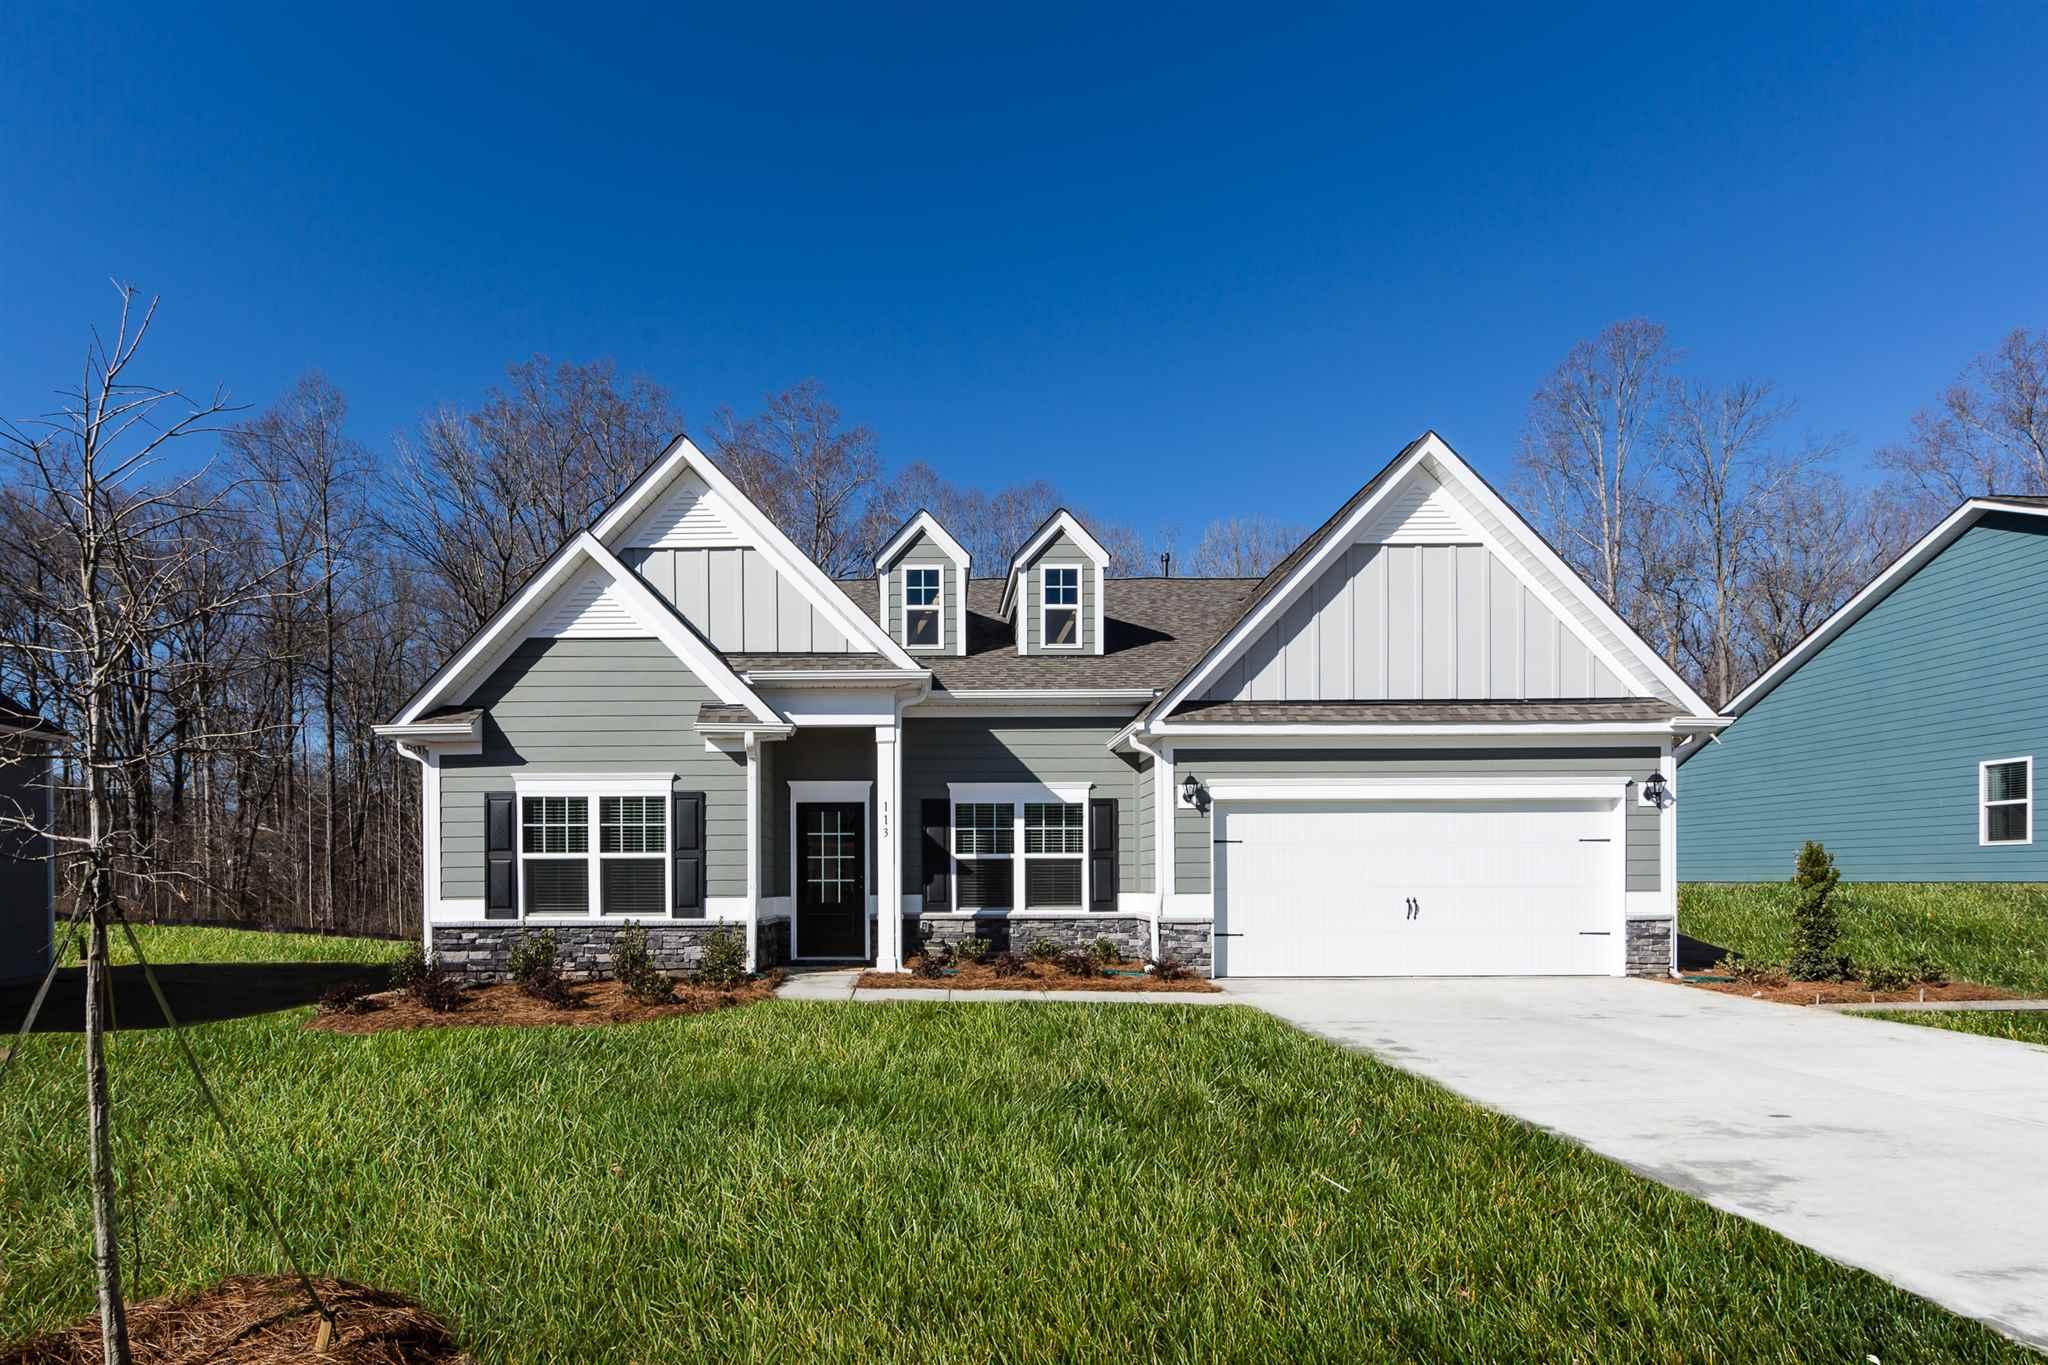 168 GARRETT DRIVE, Lake Oconee in Putnam County, GA 31024 Home for Sale